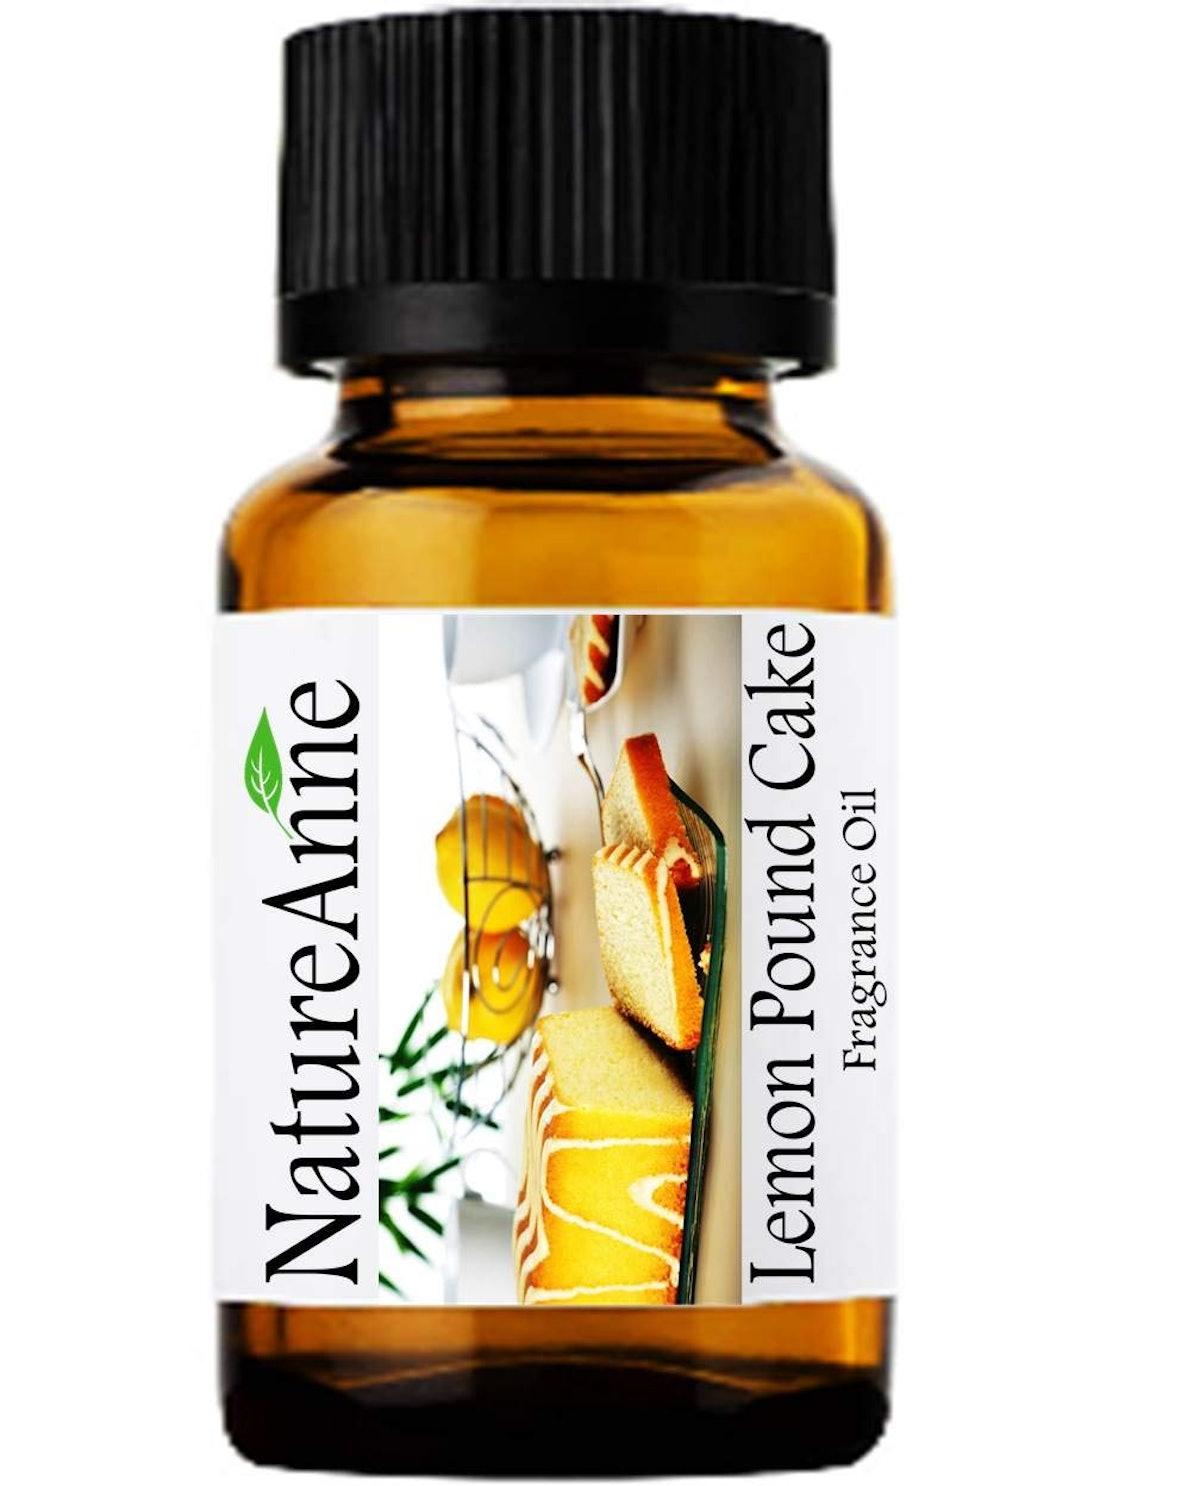 NatureAnne Fragrance Oil, 10ml